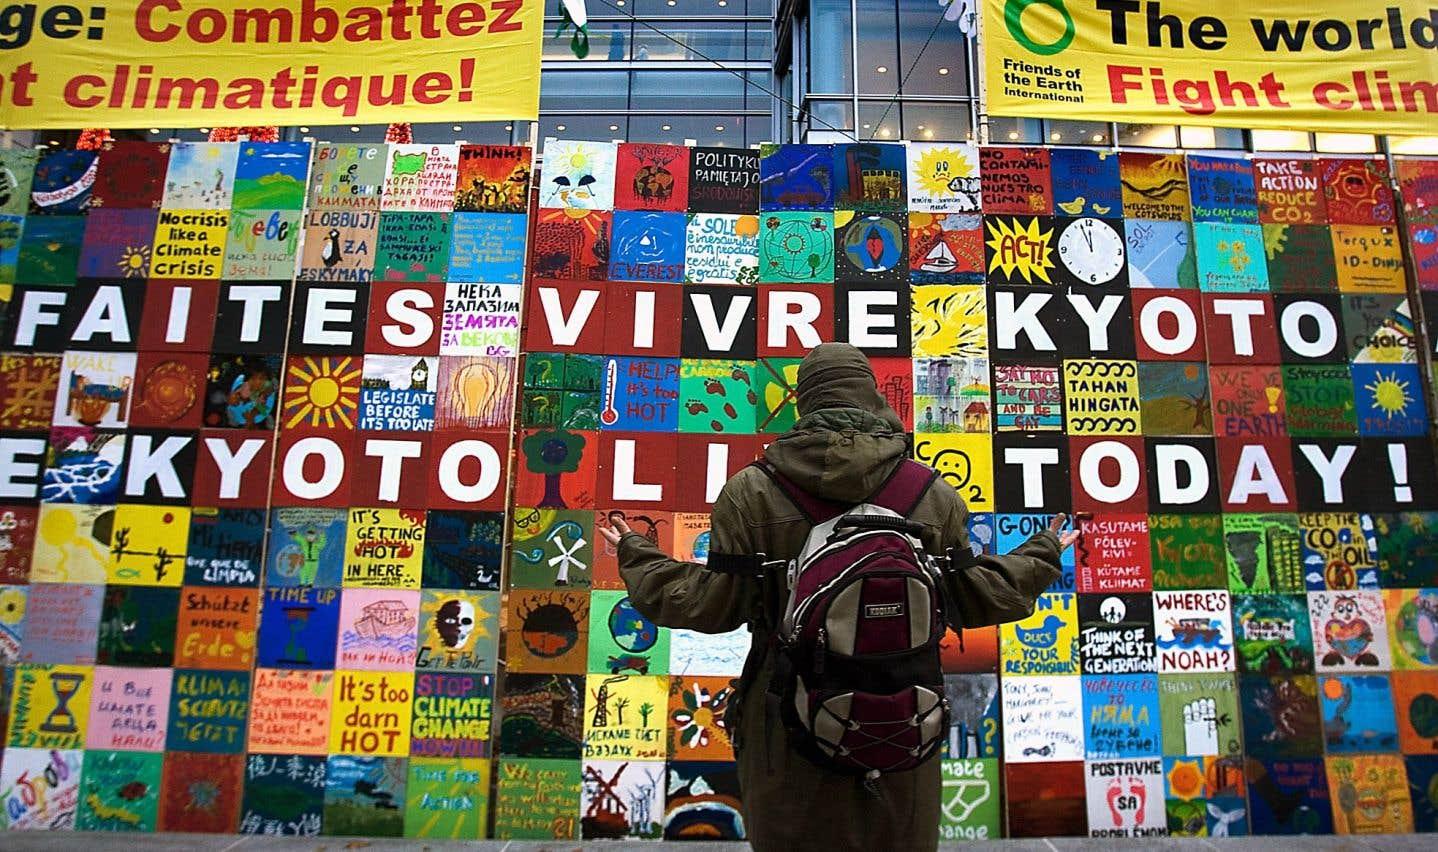 Les pays contraints par le protocole de Kyoto auraient atteint collectivement leurs cibles, en grande partie en raison des changements structurels de leur économie.